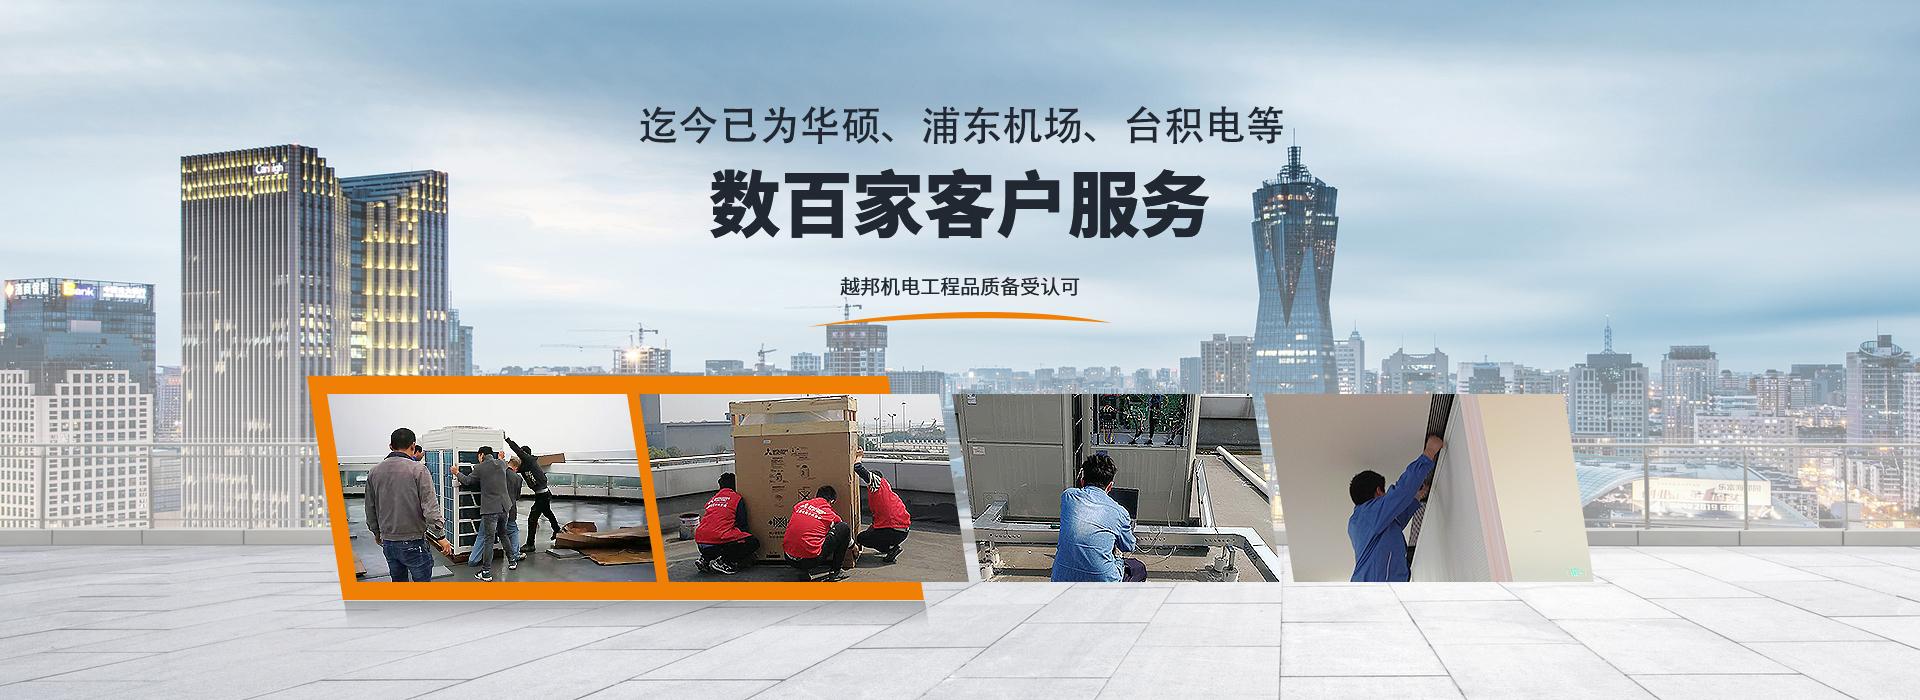 越邦机电与台积电、华硕工厂合作